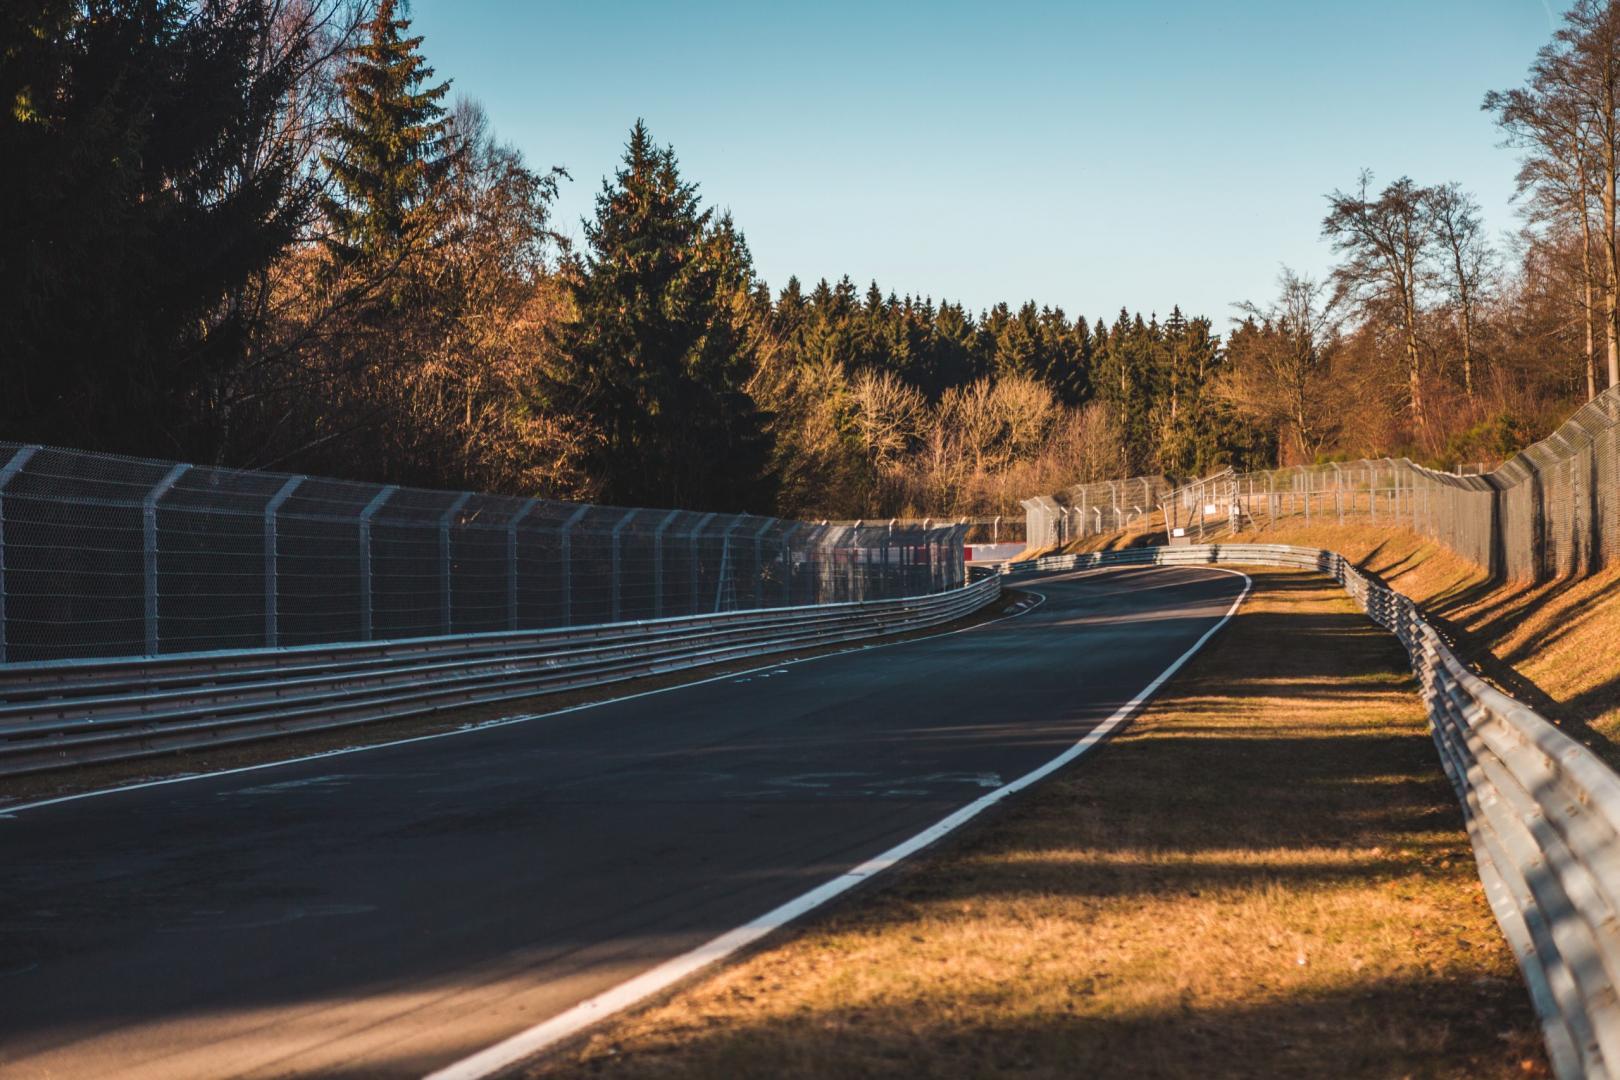 Nurburgring Nordschleife